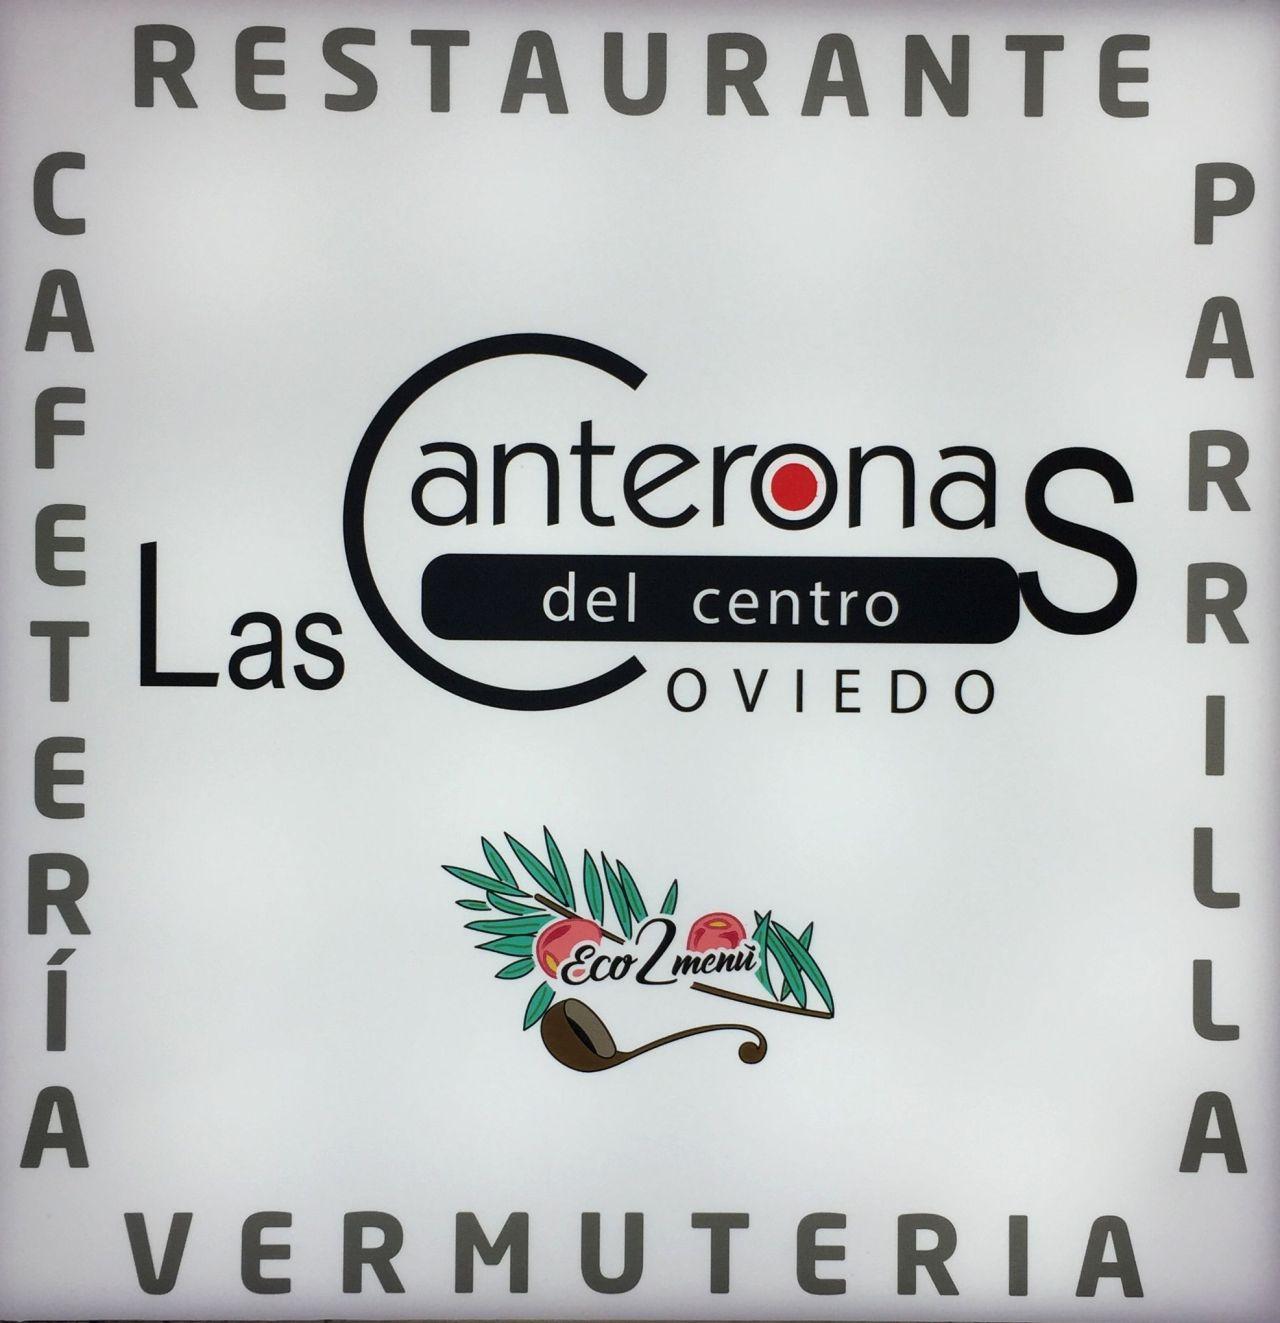 Las Canteronas delCentro